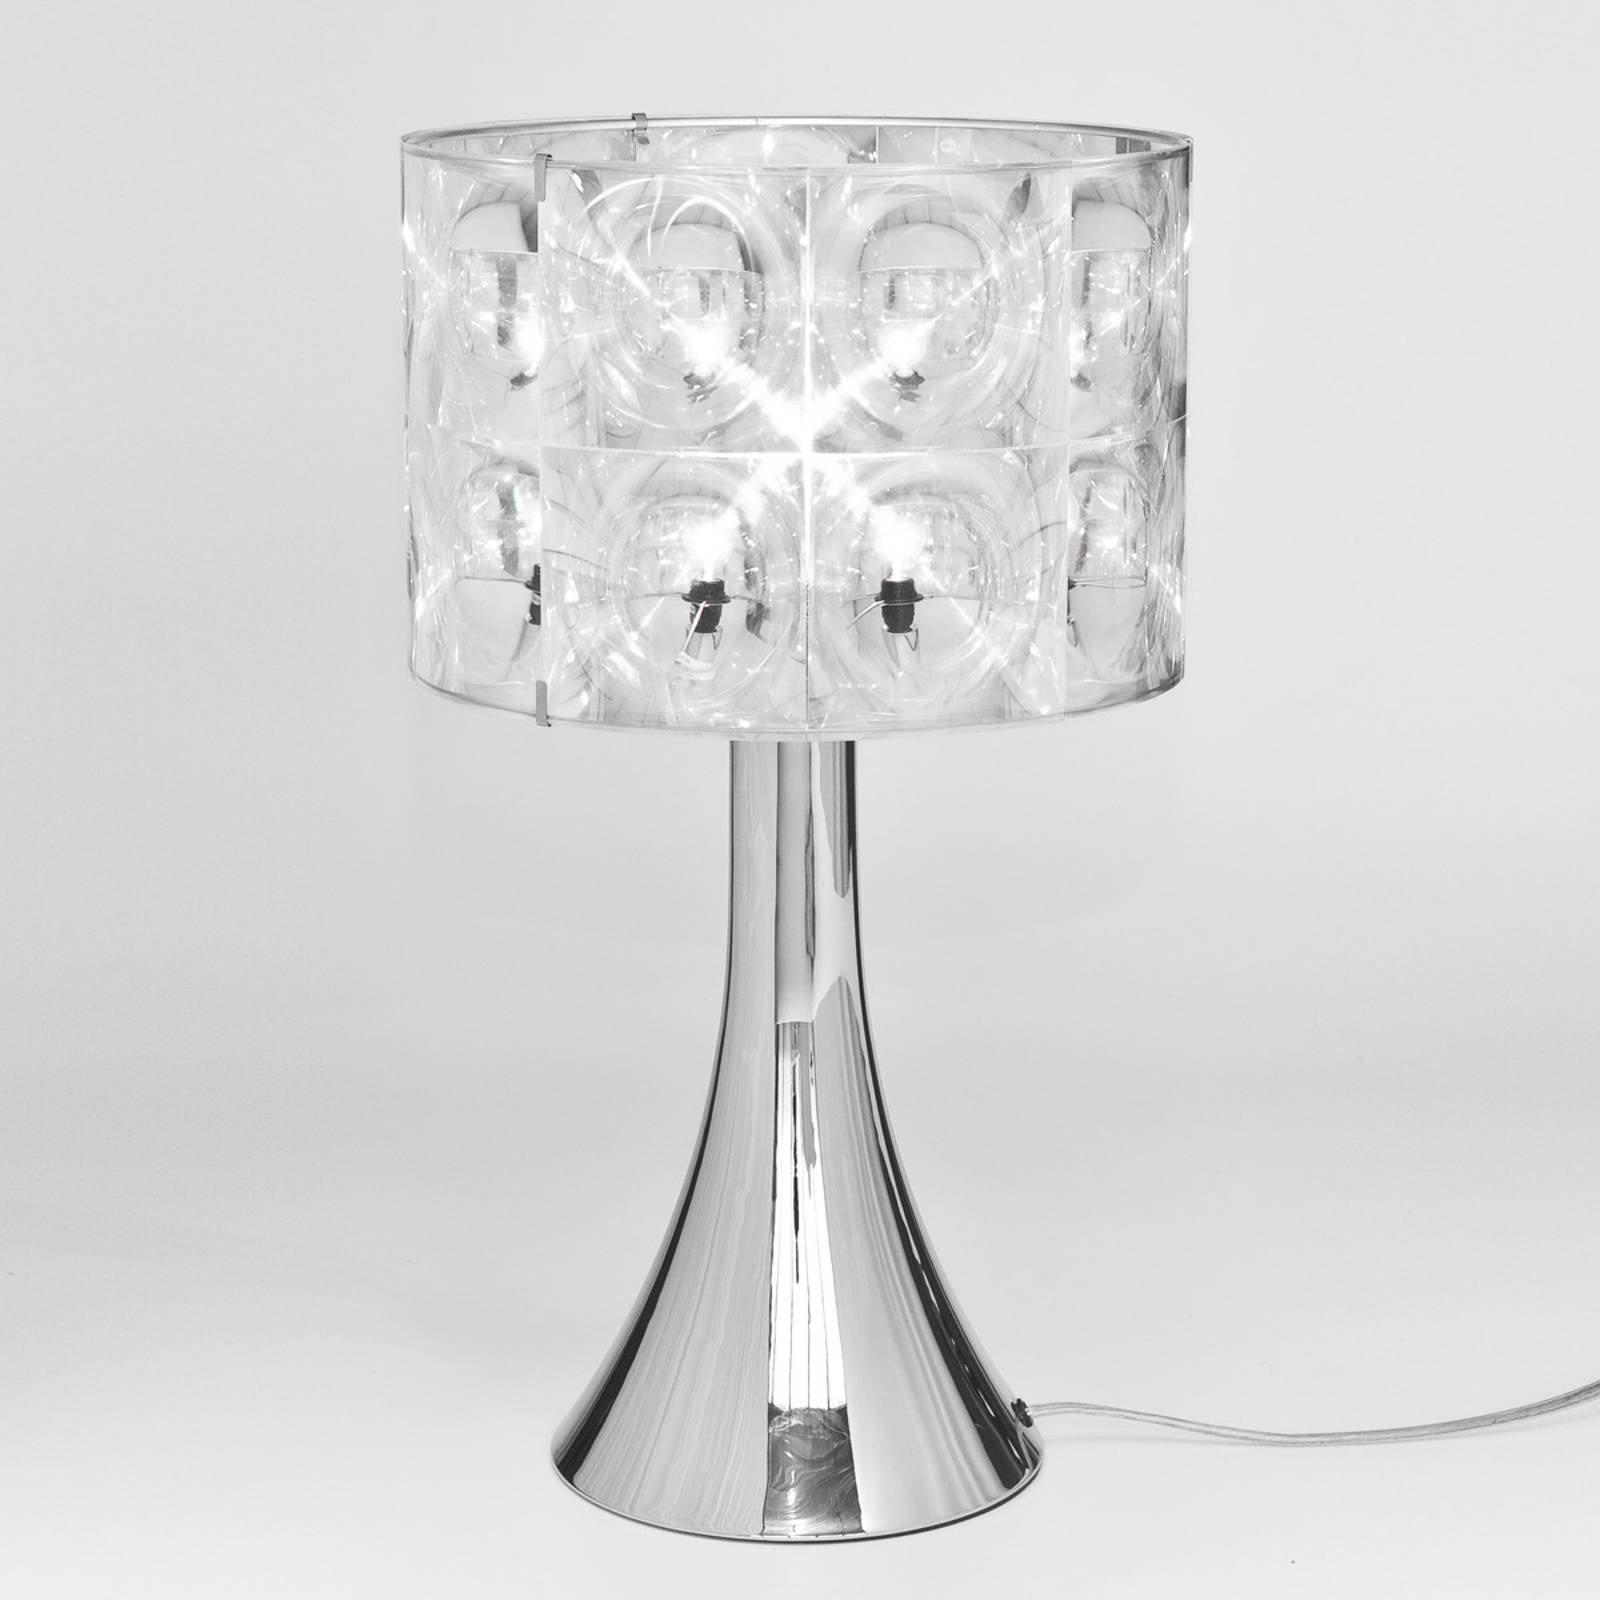 Innermost Lighthouse - designer-bordlampe, krom